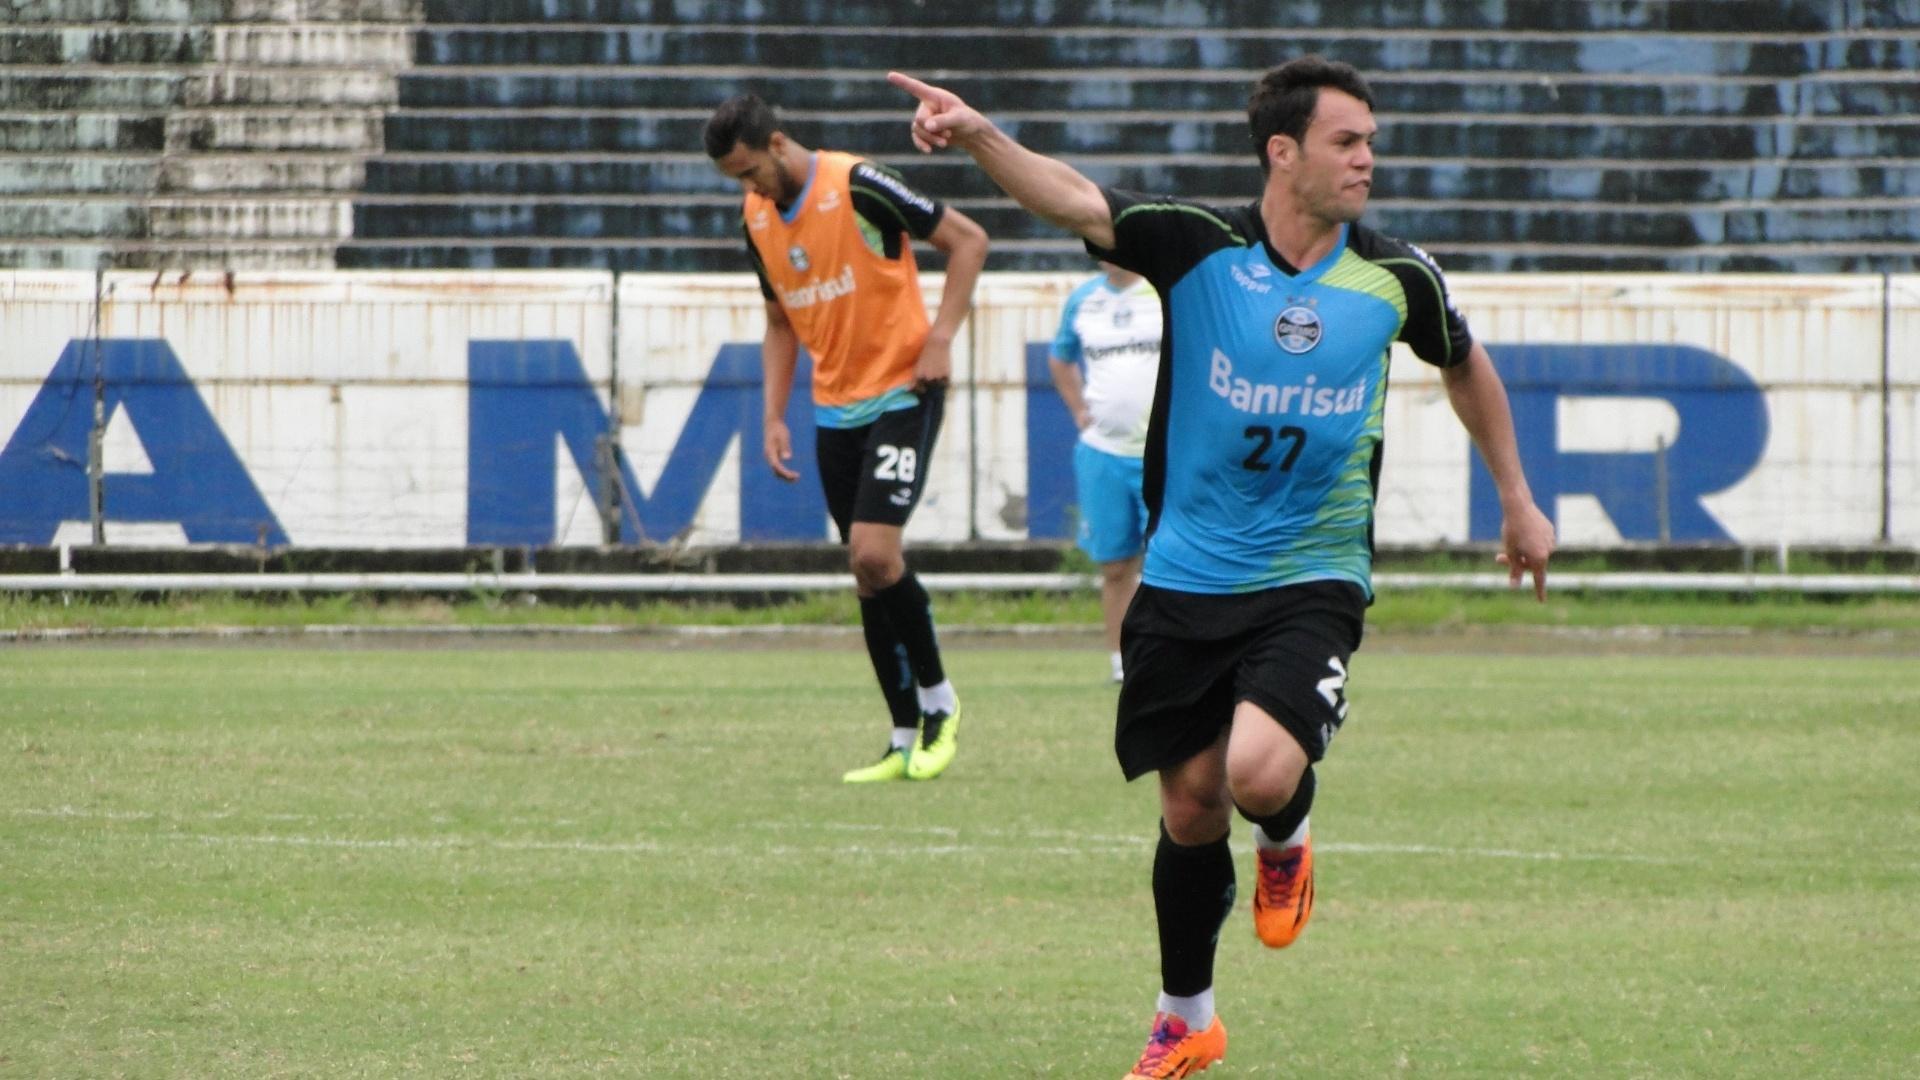 Atacante Kleber passa orientações durante treino do Grêmio no gramado principal do estádio Olímpico (20/11/2013)